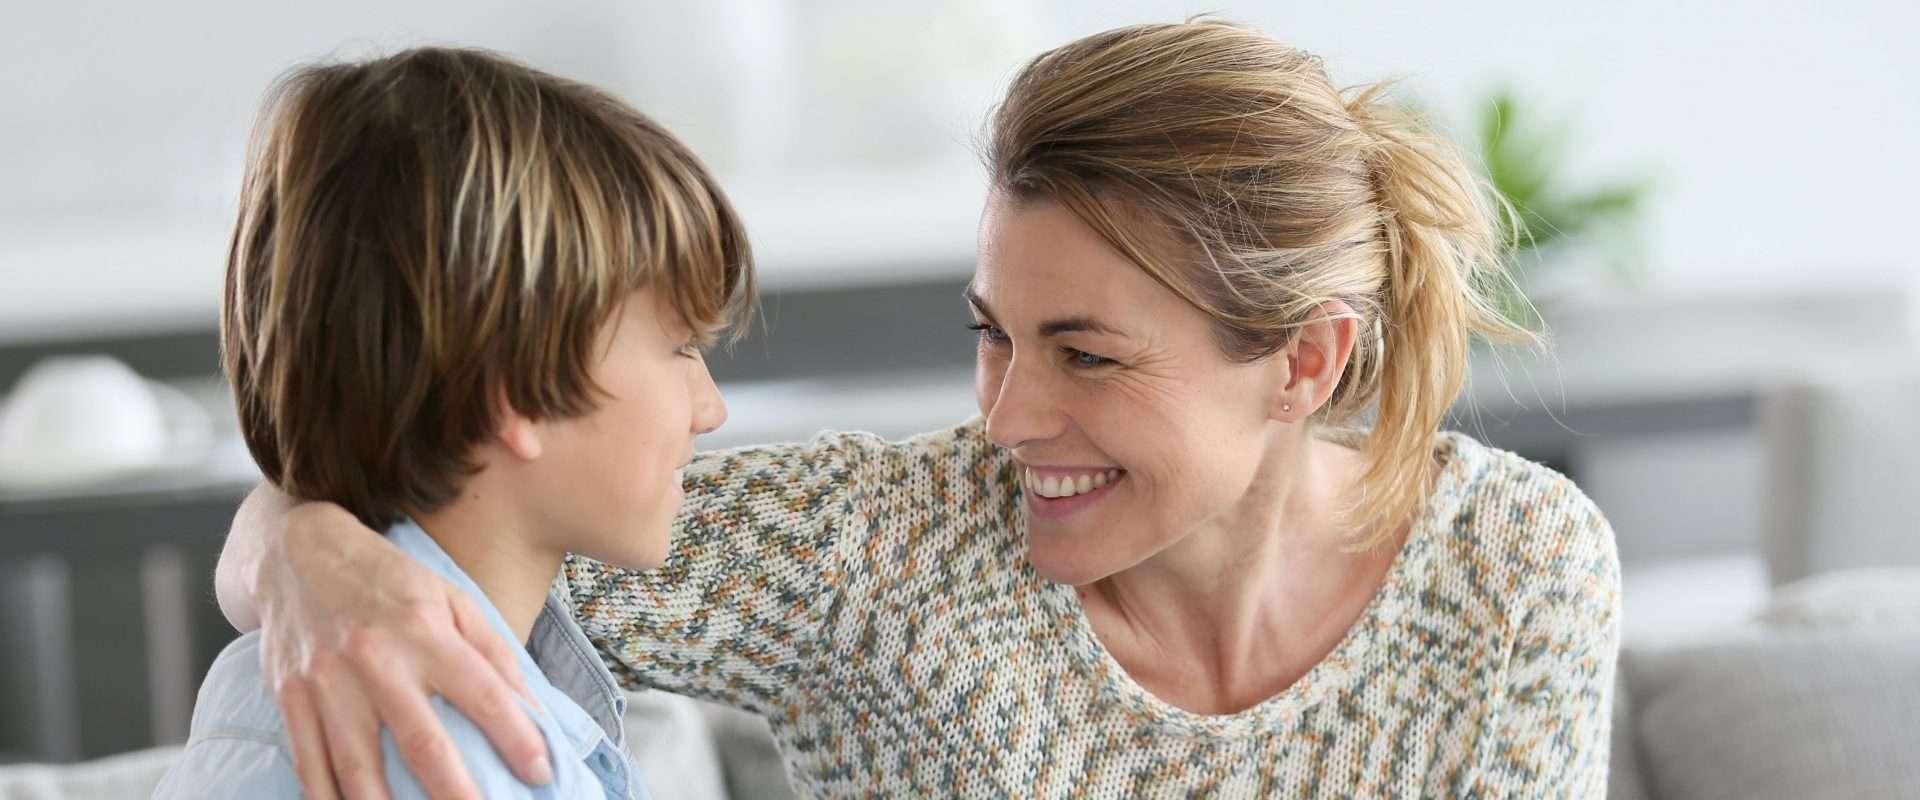 كيف أعلّم طفلي الحوار في 9 نقاط